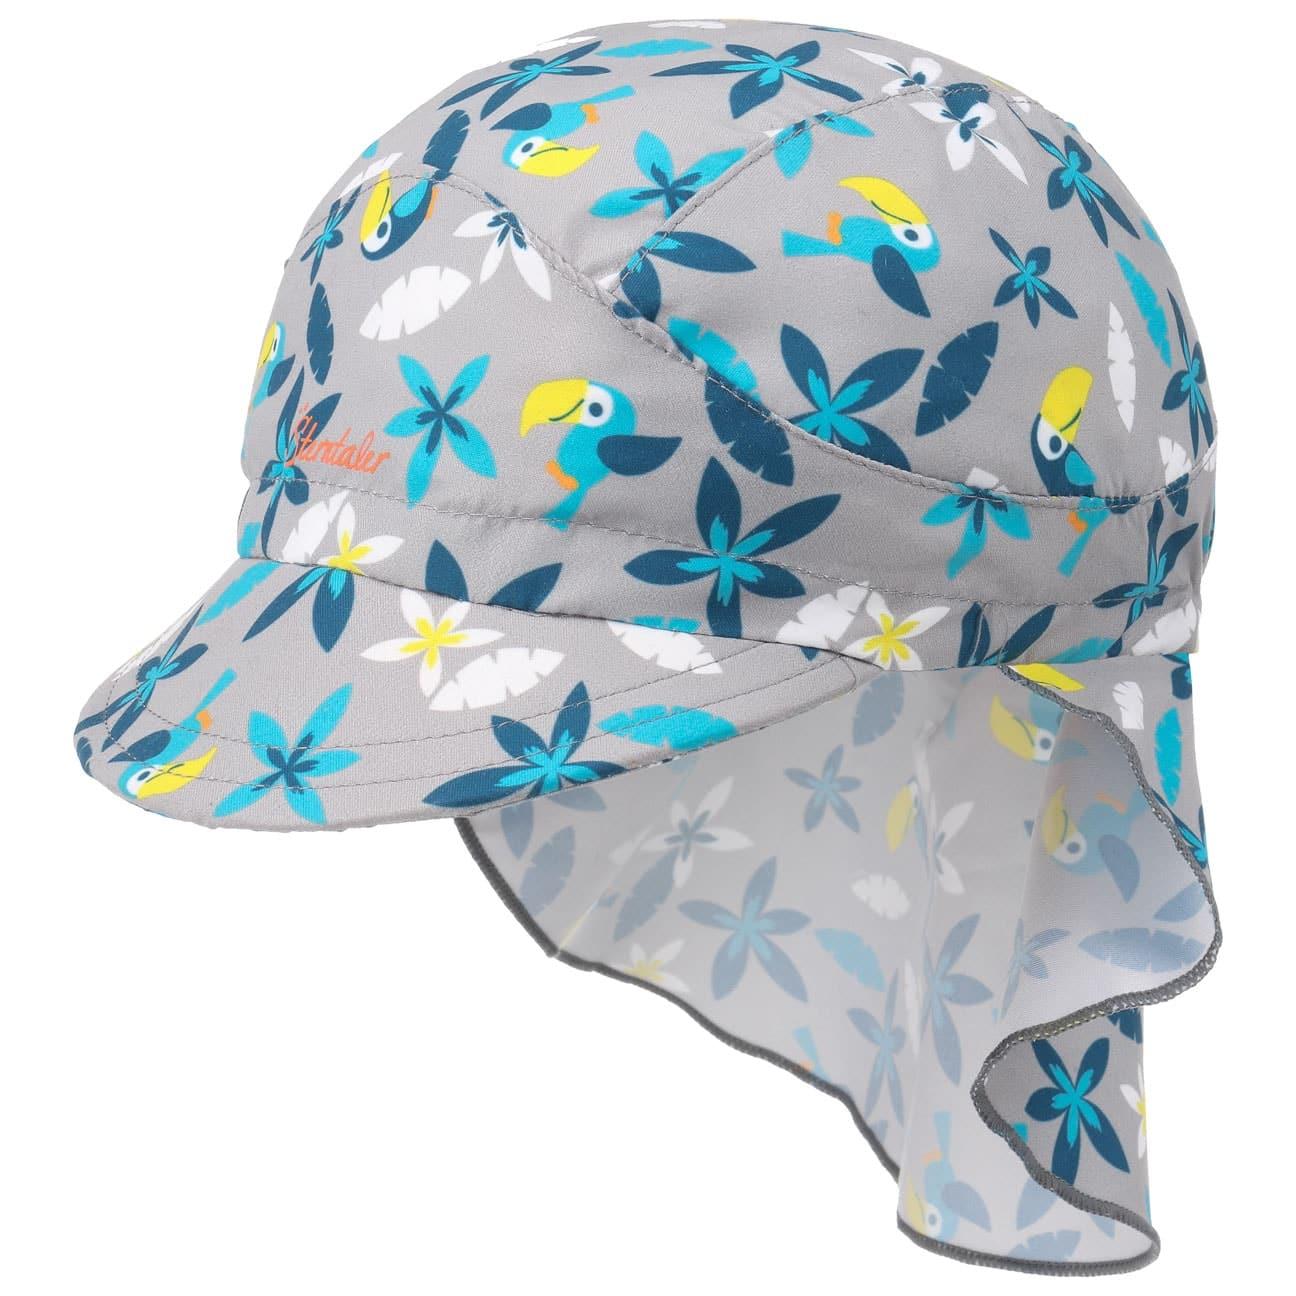 Gorra de Ni?o Tucan Protecci?n UV by Sterntaler  gorra de verano